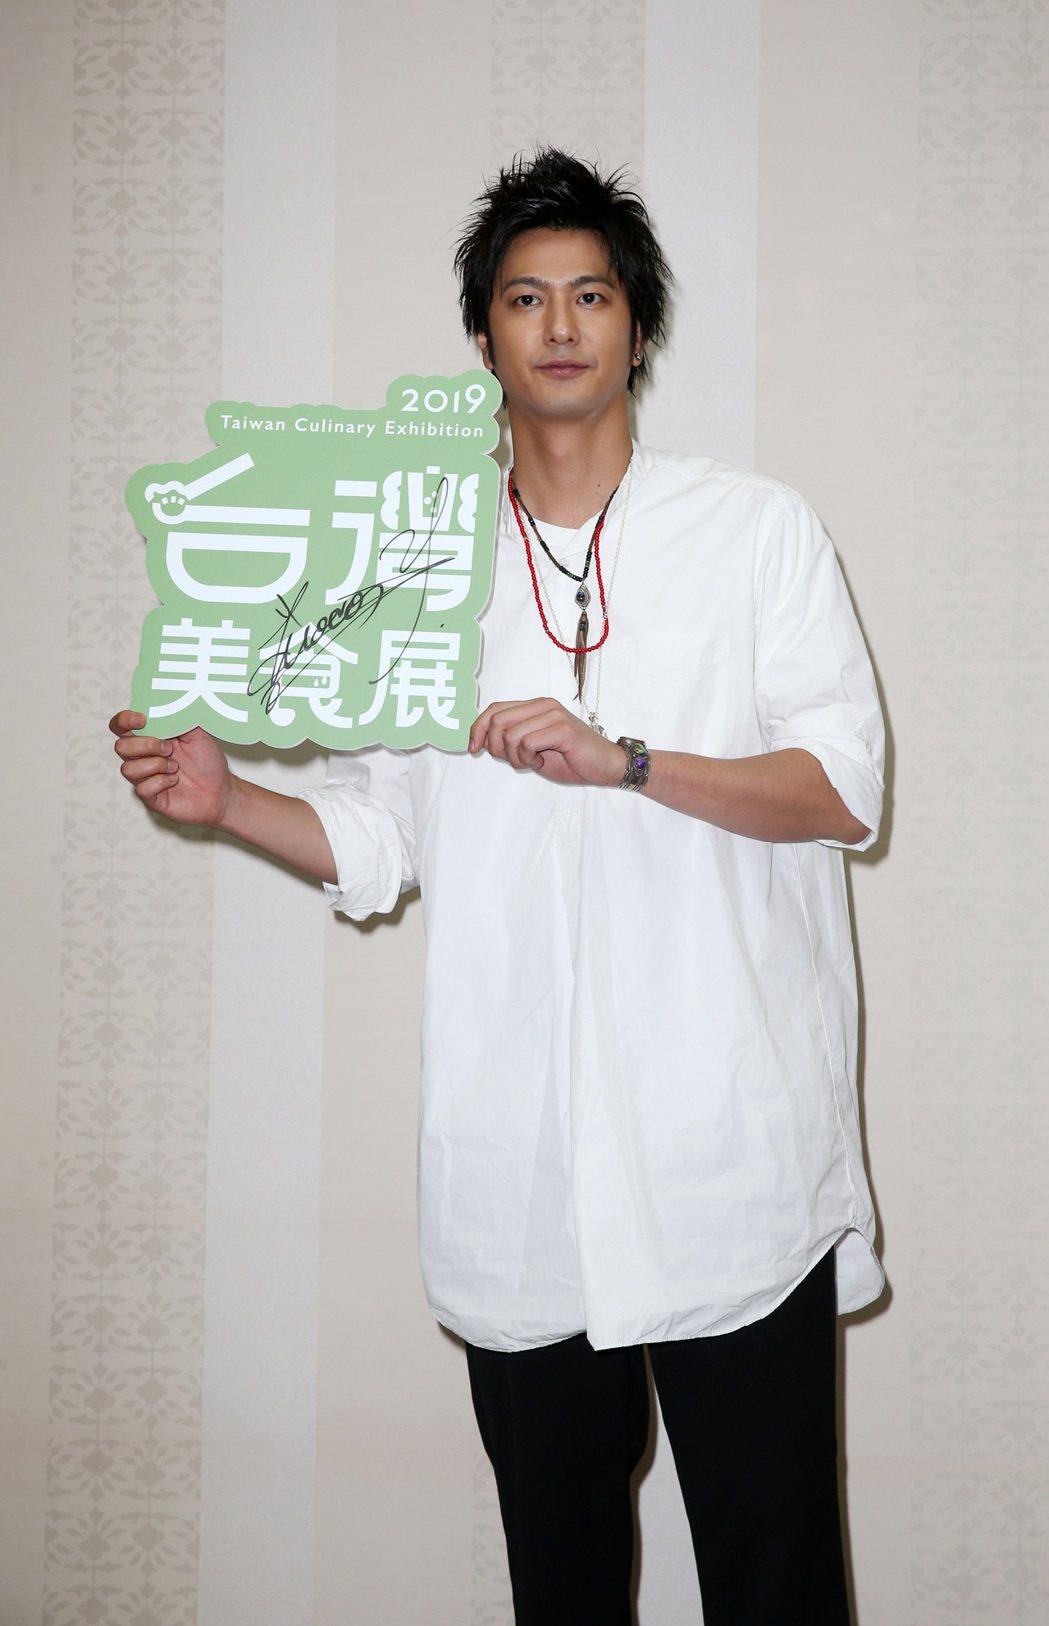 日本時尚帥主廚速水茂虎道擔任台灣美食展宣傳大使。記者曾吉松/攝影